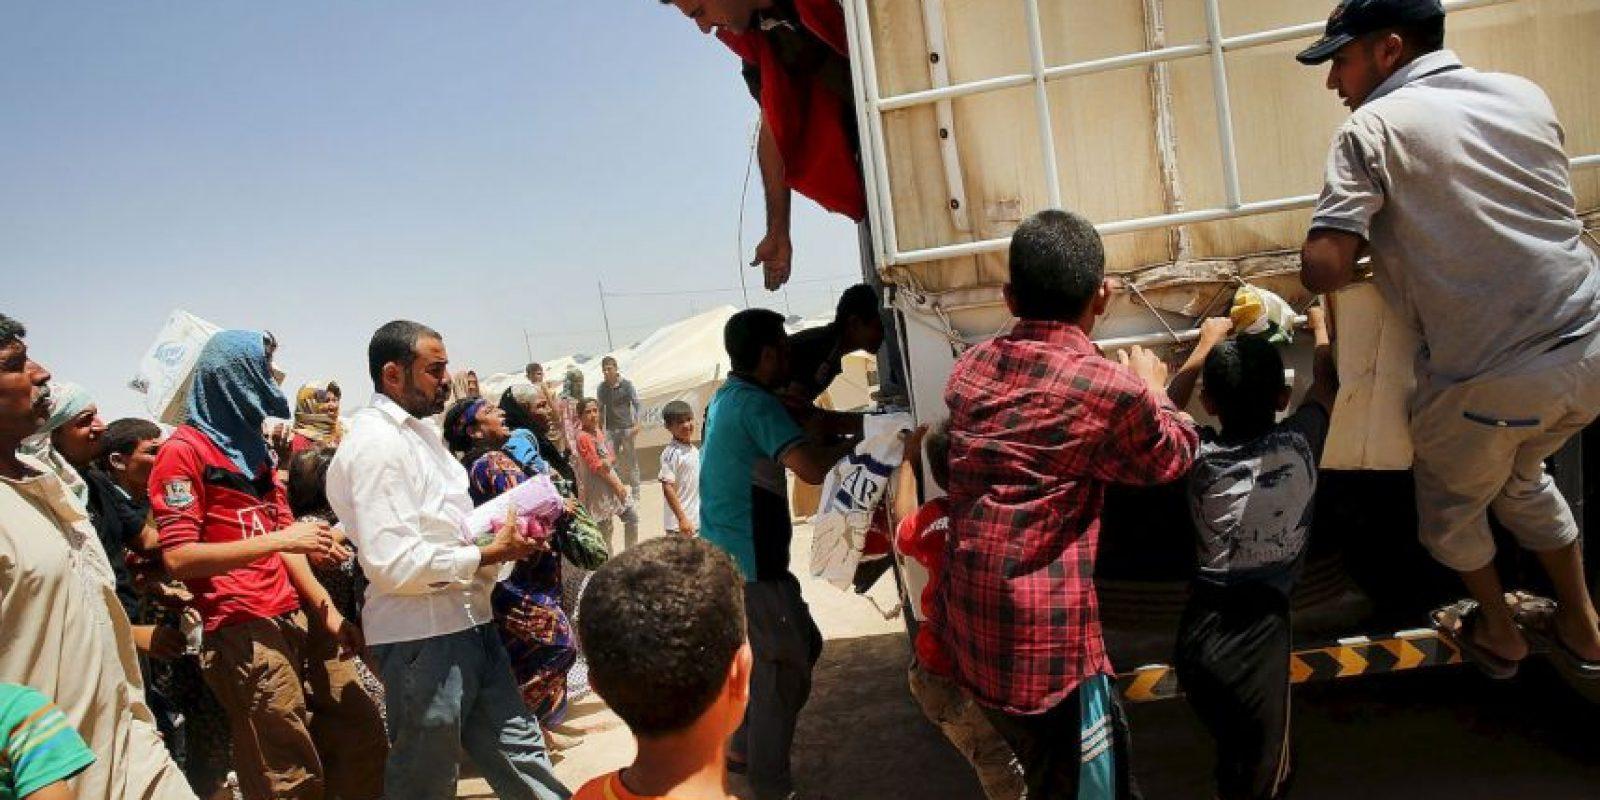 3. Miles de refugiados han luchado por llegar a un lugar seguro, esto tras los ataques de ISIS. Foto:Getty Images